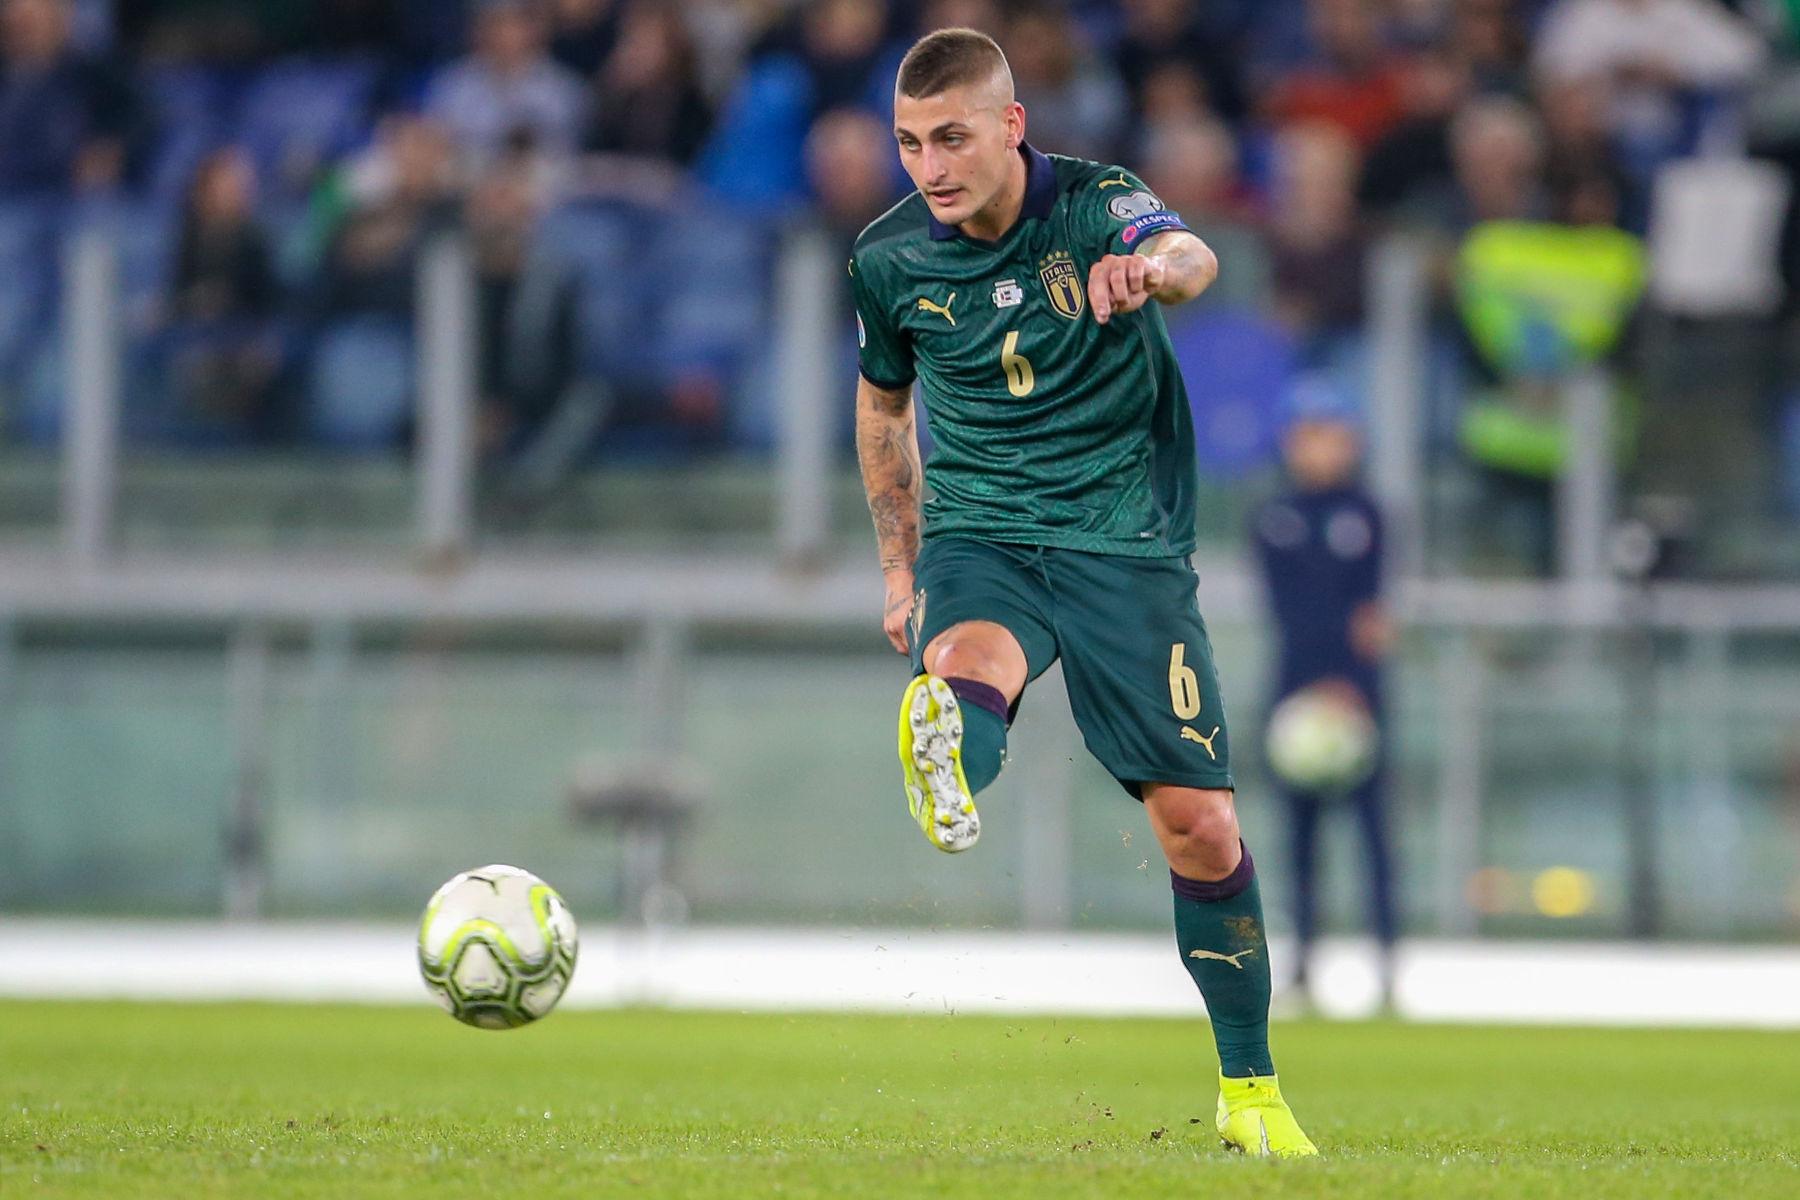 Roberto Mancini ผู้จัดการทีมชาติอิตาลียังคงมีความหวังที่จะมี Marco Verratti สำหรับการแข่งขันชิงแชมป์ยุโรป